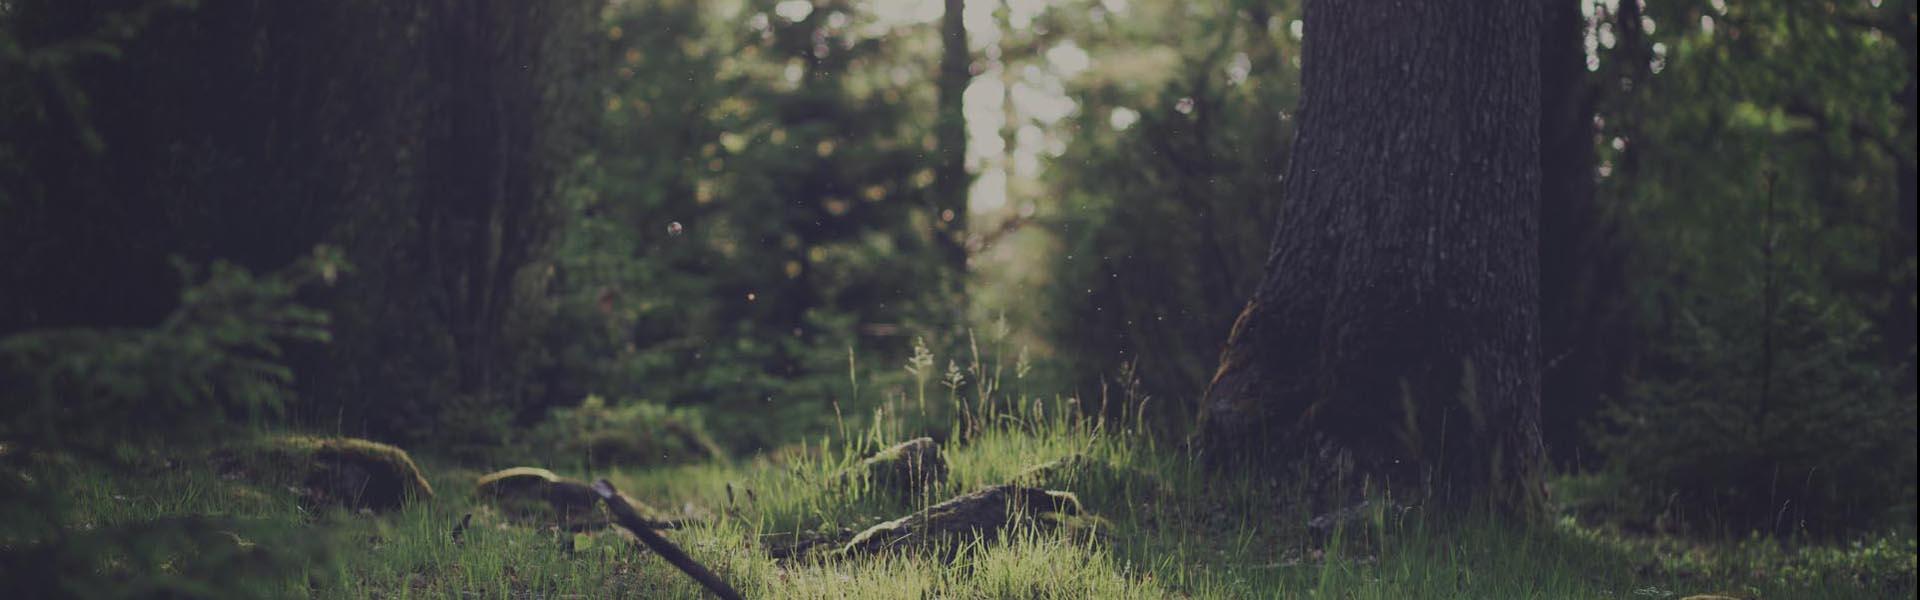 Primer plano de un camino en el bosque